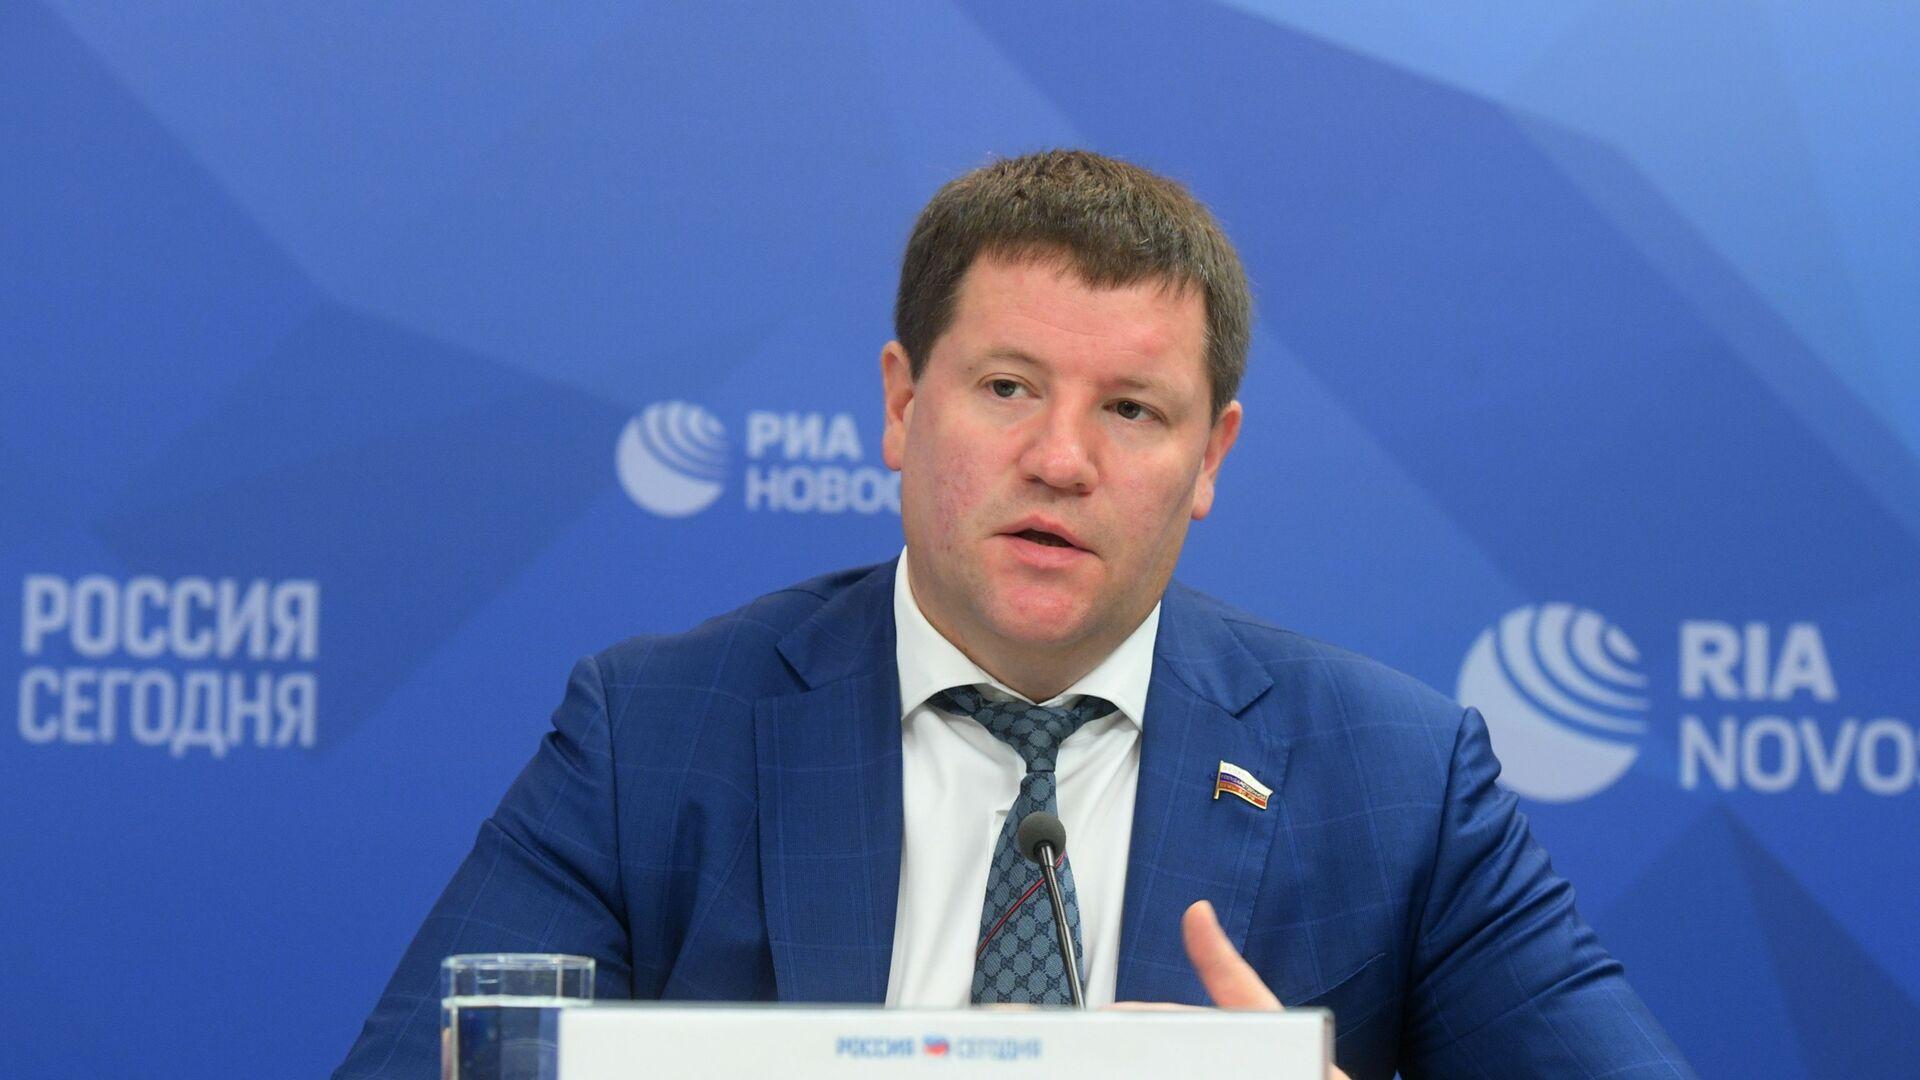 Вице-губернатор Свердловской области Бидонько получит мандат депутата Госдумы